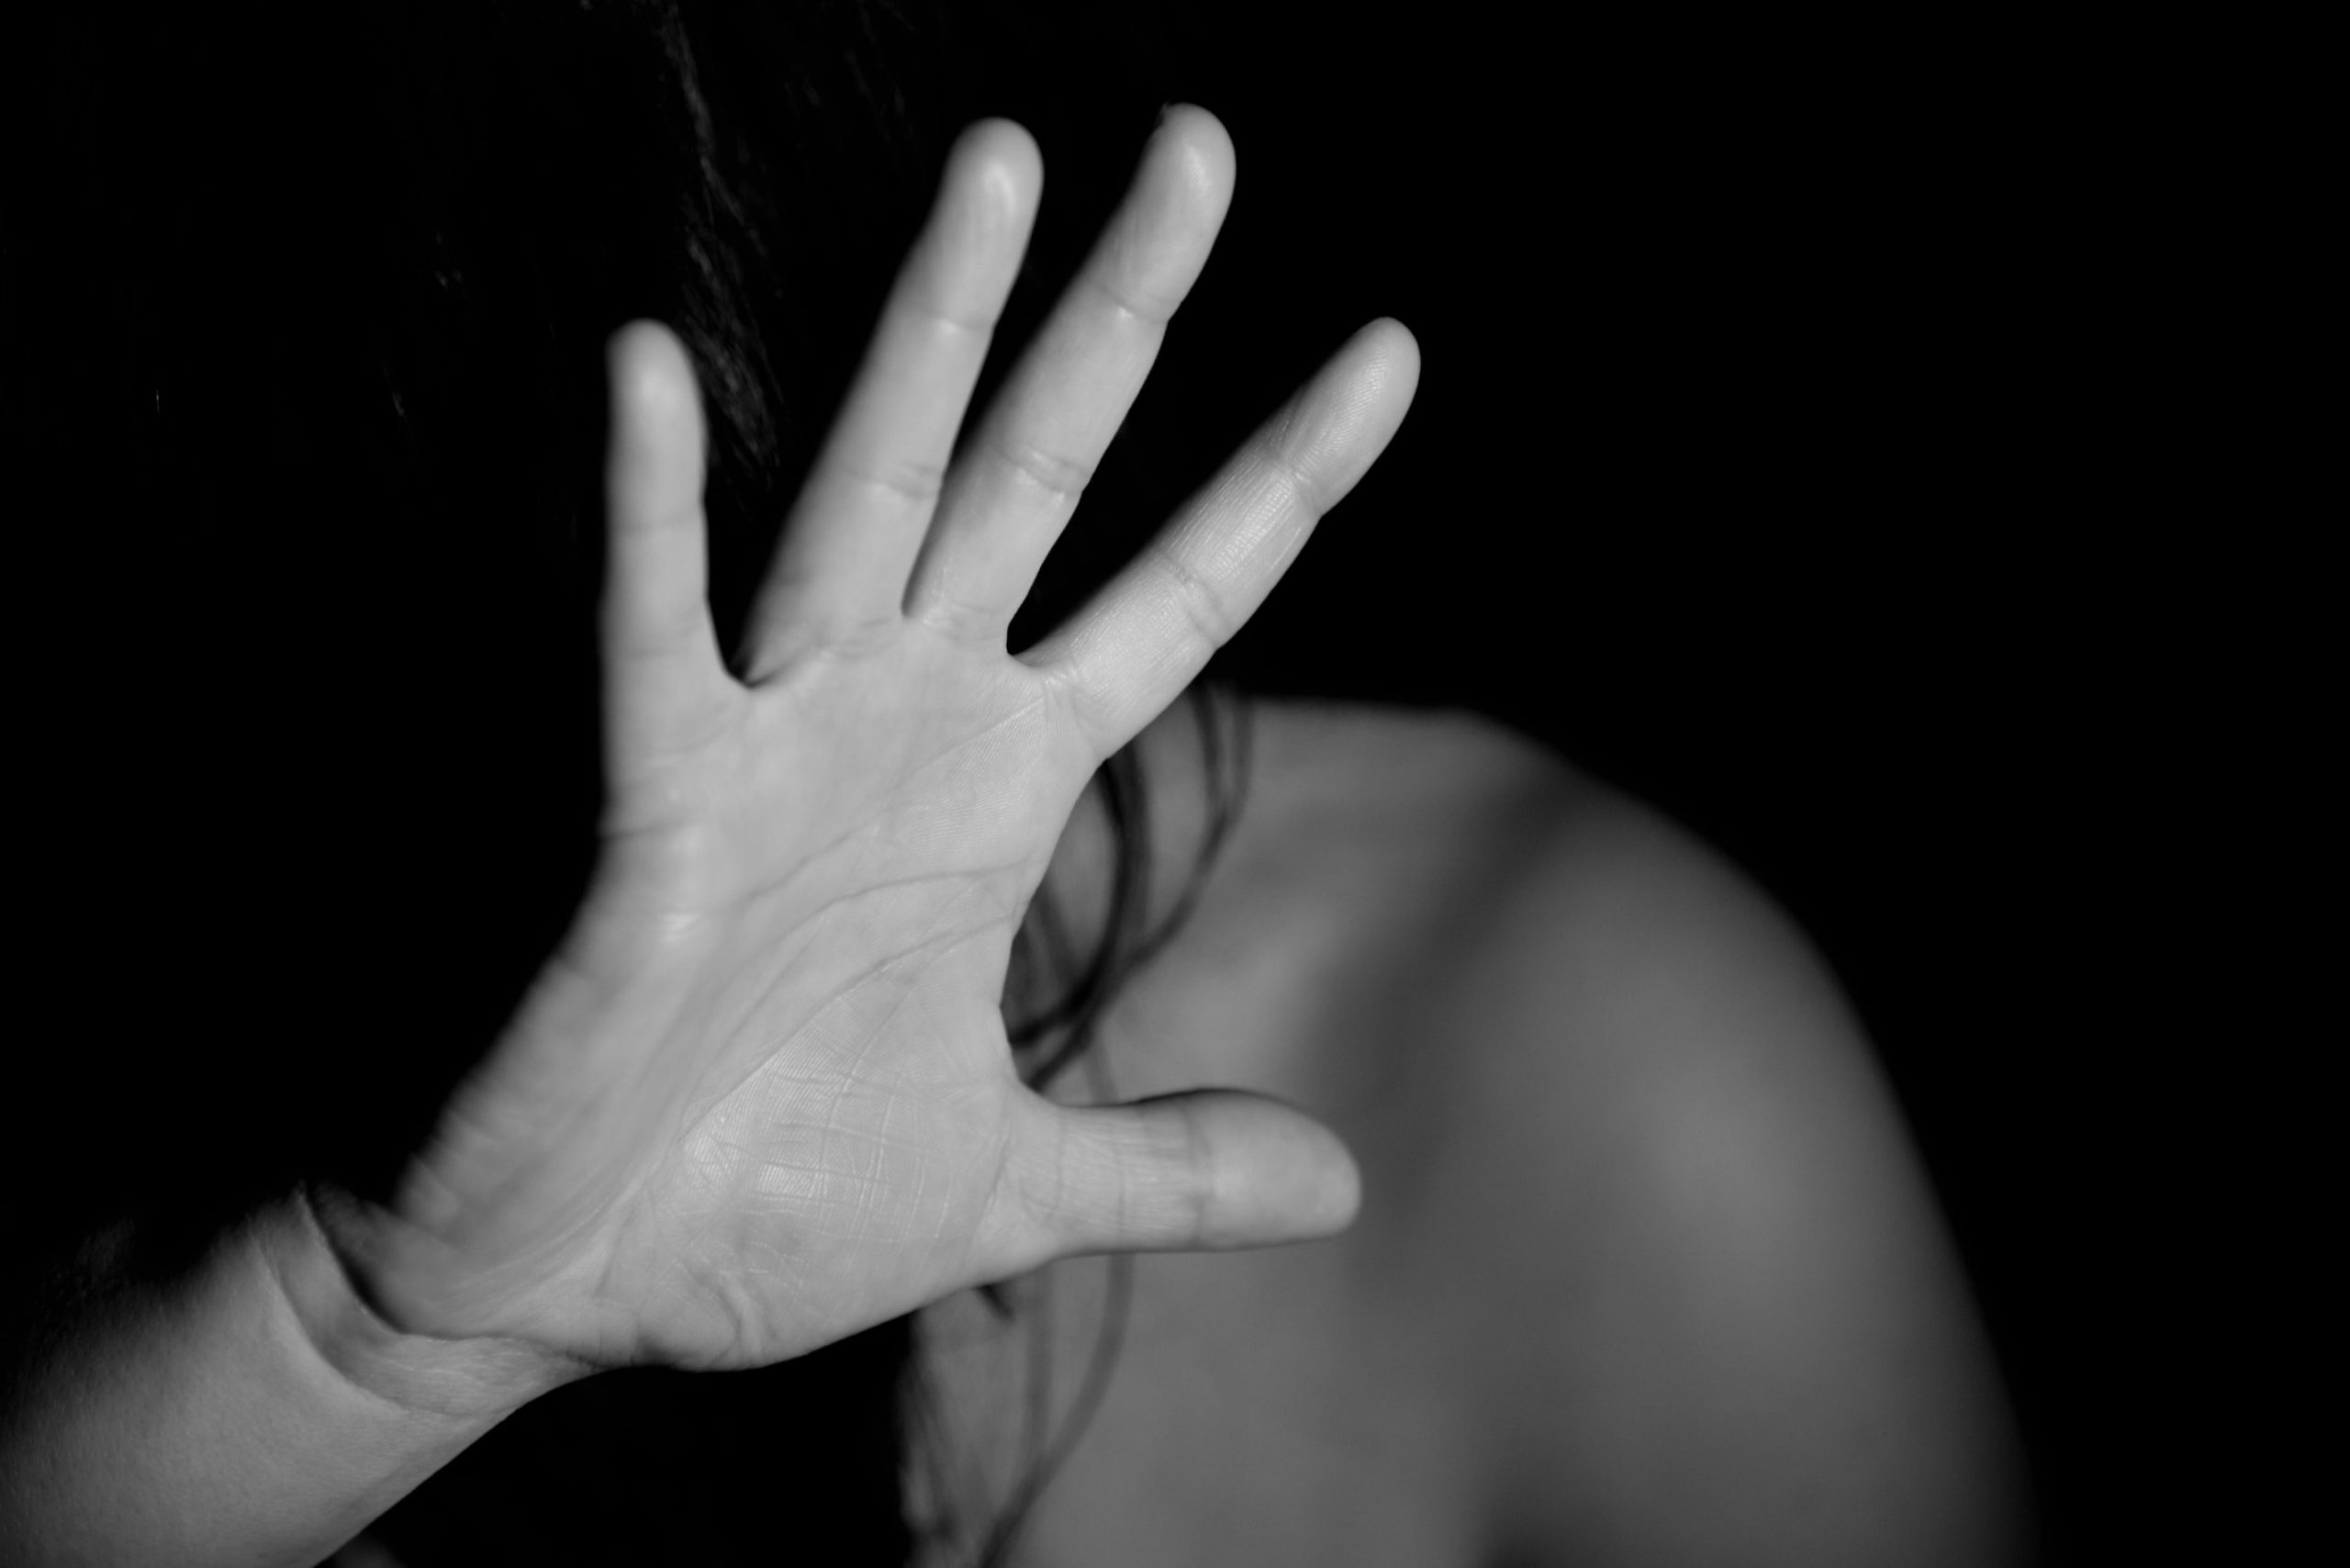 Novembro: o mês de combate à violência contra a mulher